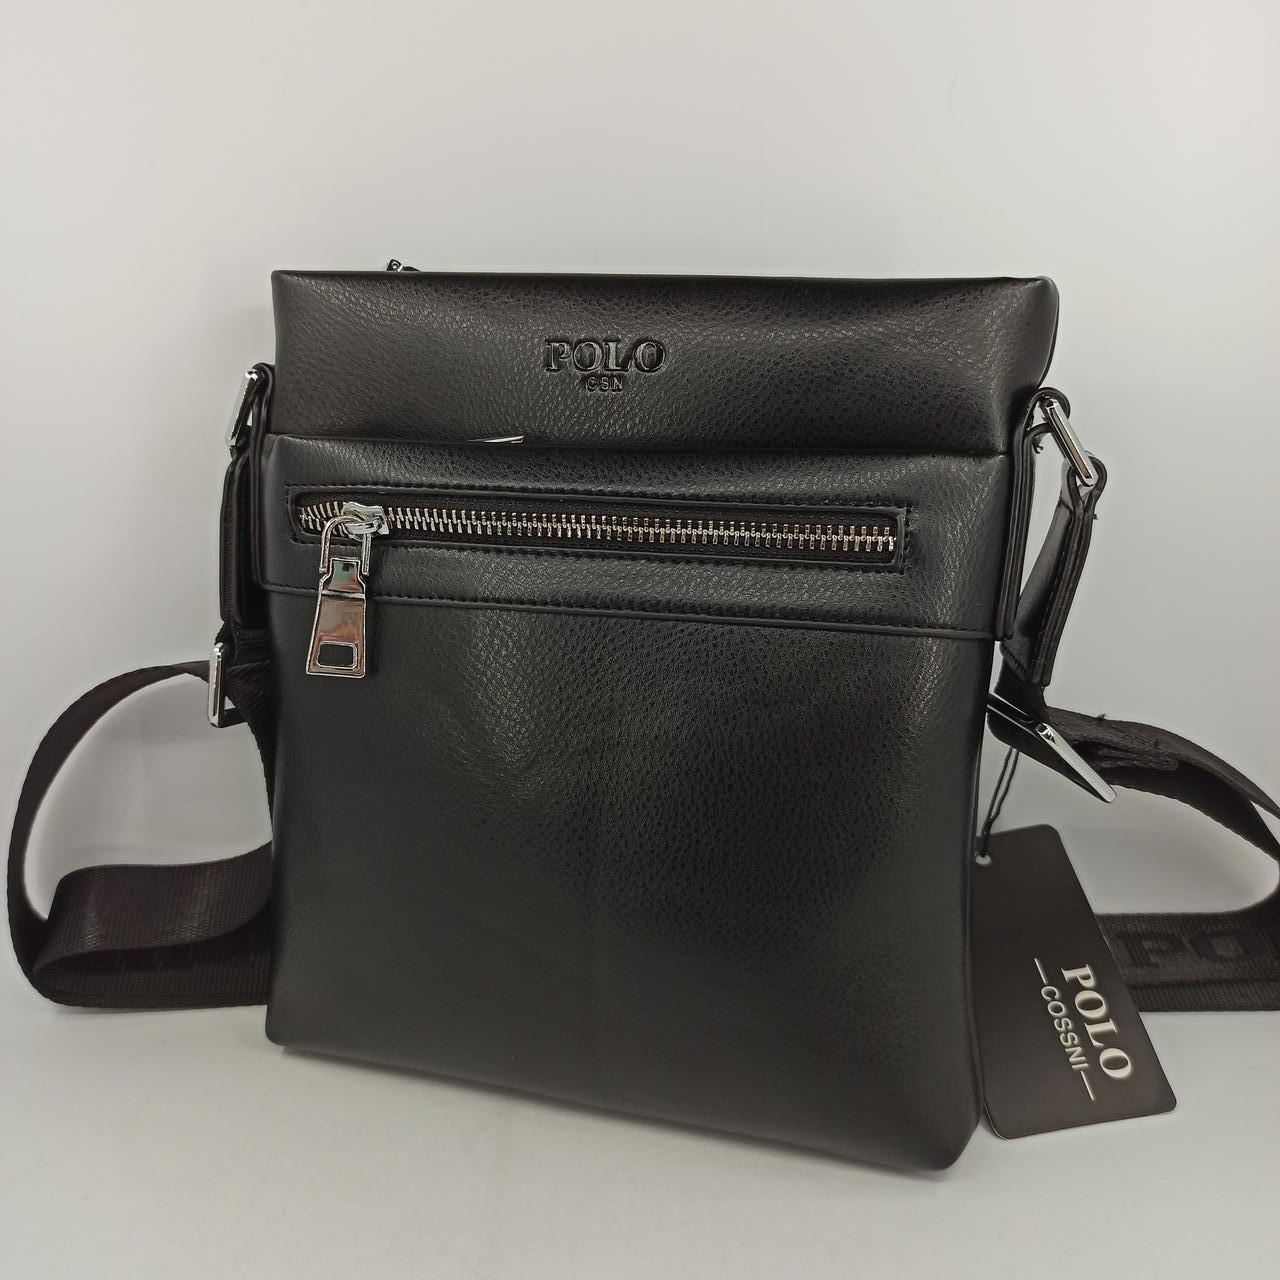 Мужская кожаная сумка планшет через плечо Polo B512-1